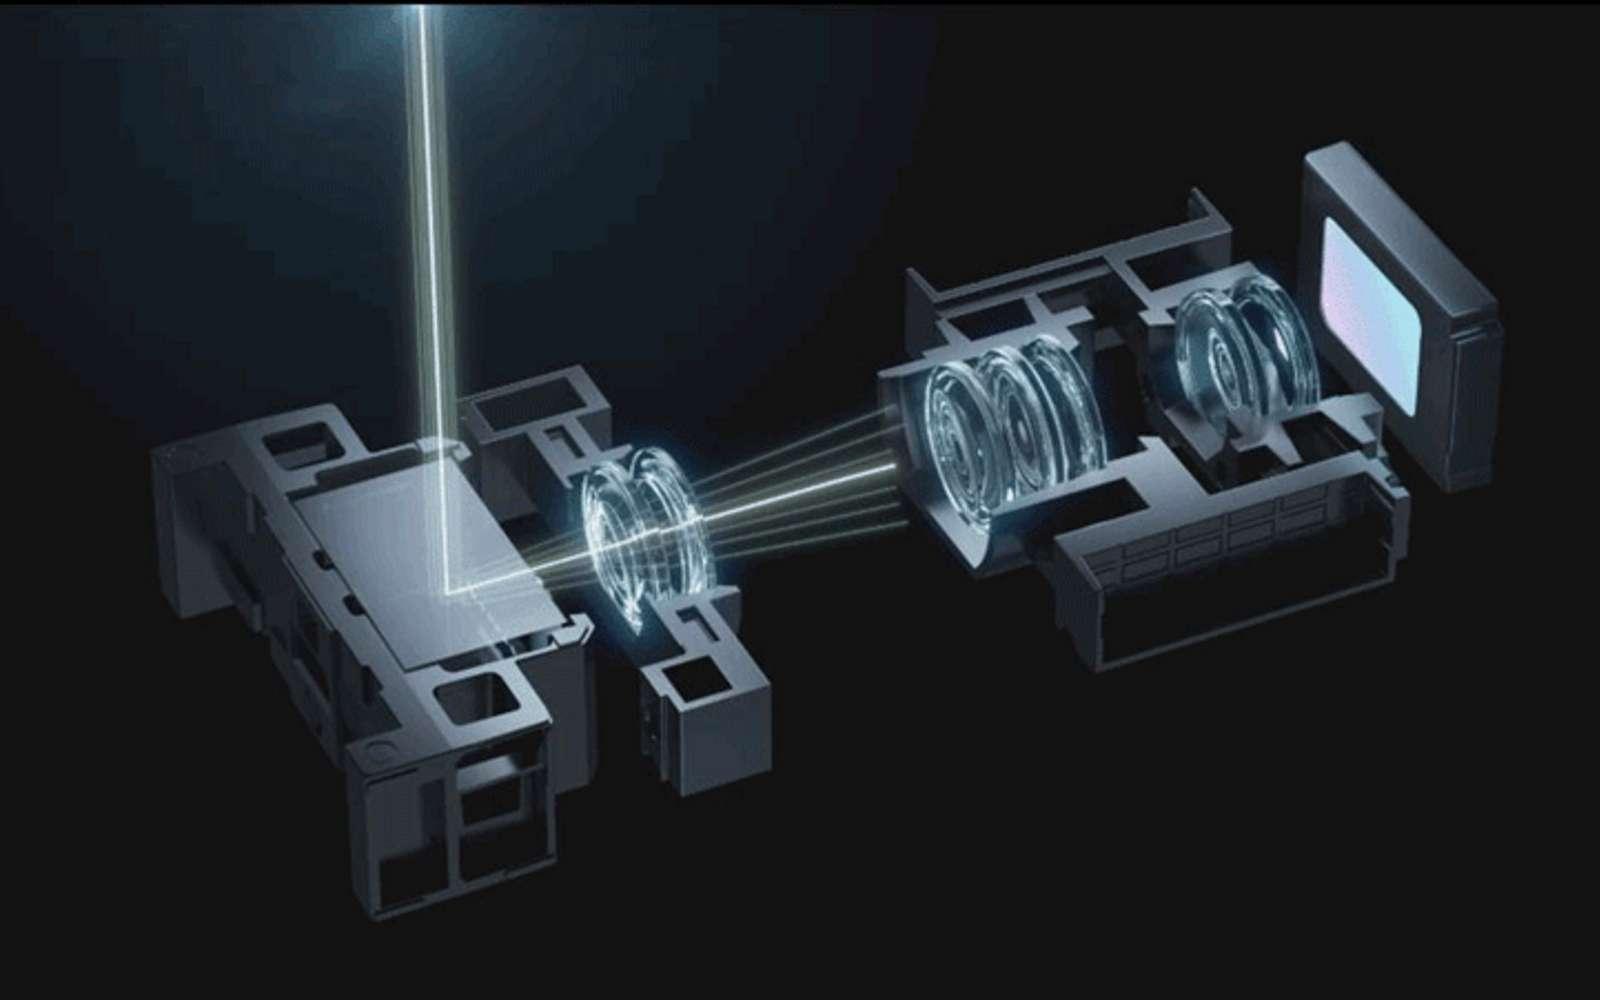 Le nouveau téléobjectif périscopique glissant permet un réglage du zoom en continu. © Oppo